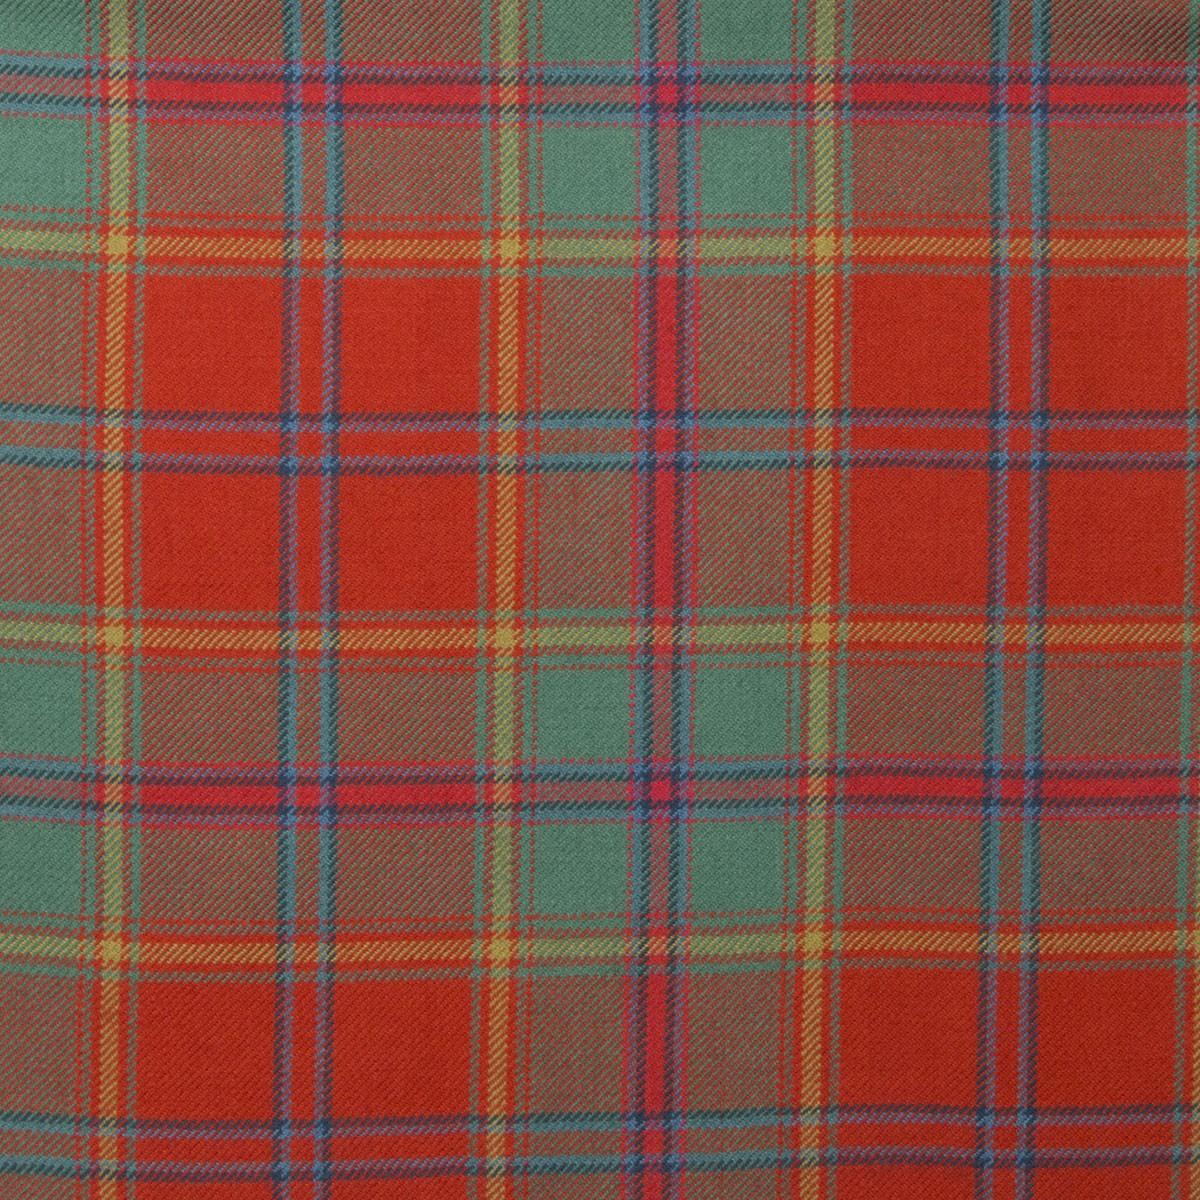 All Ireland Red Light Weight Tartan Fabric-Front